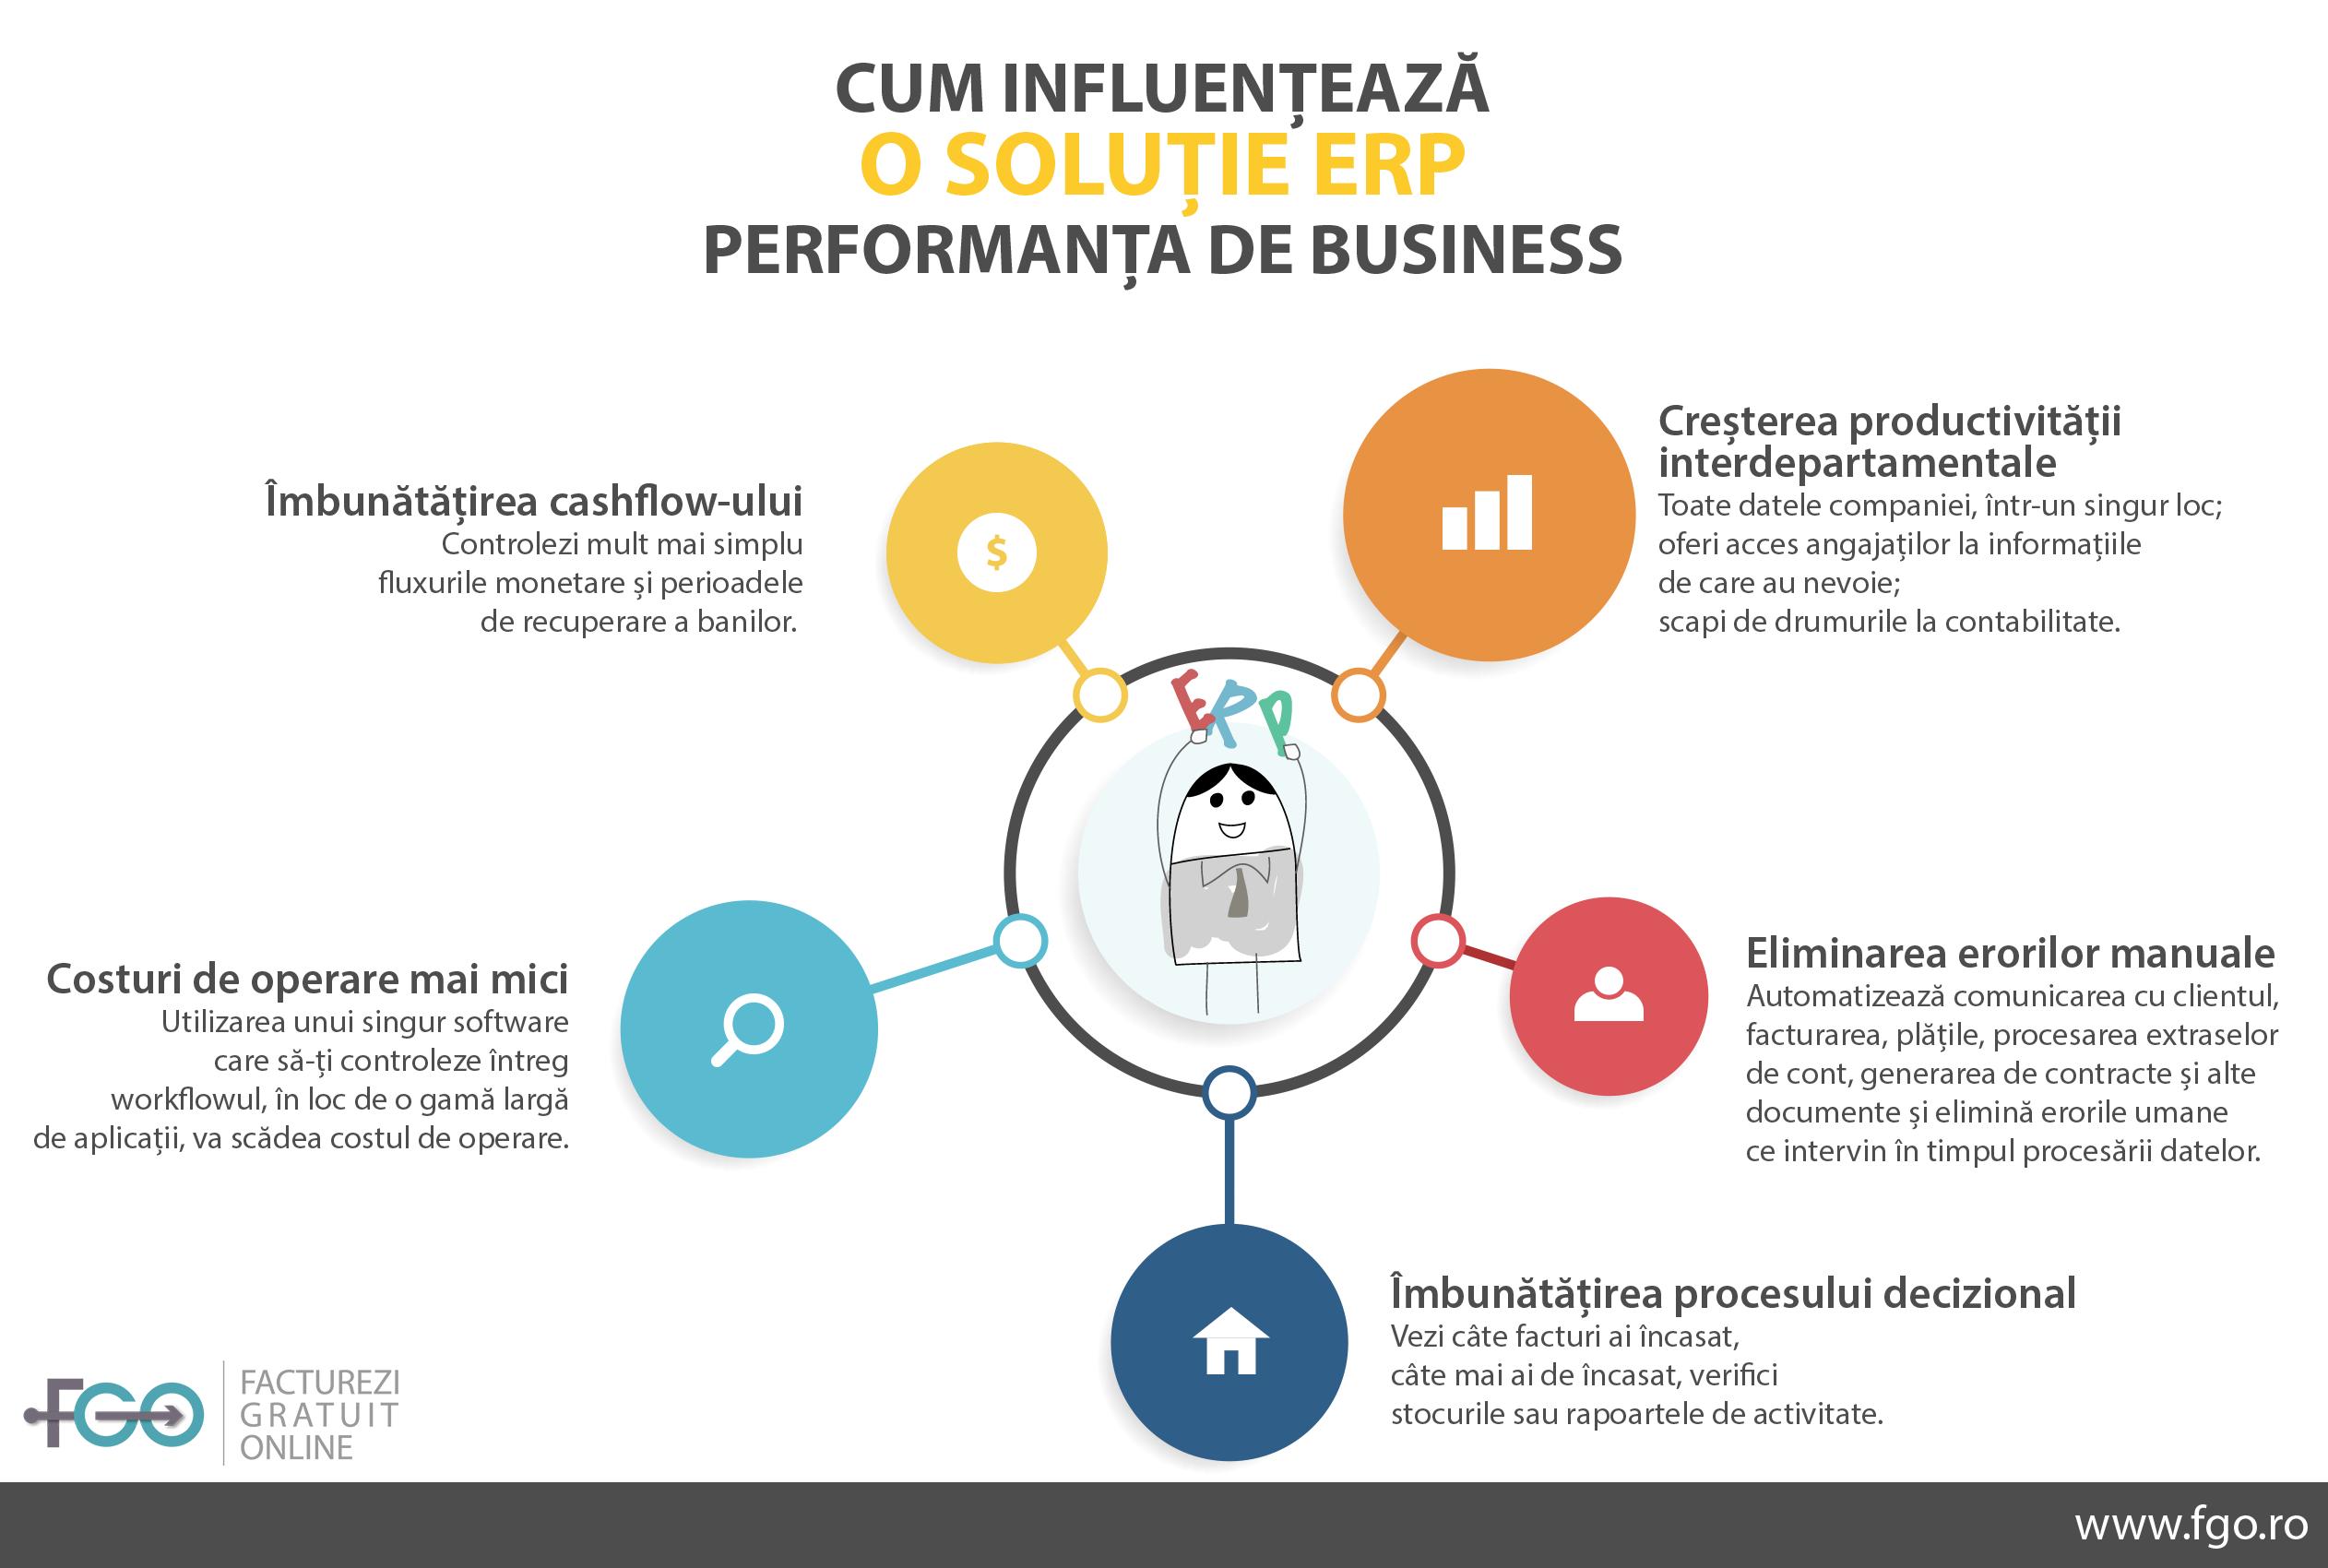 cum influenteaza o solutie erp performanta de business